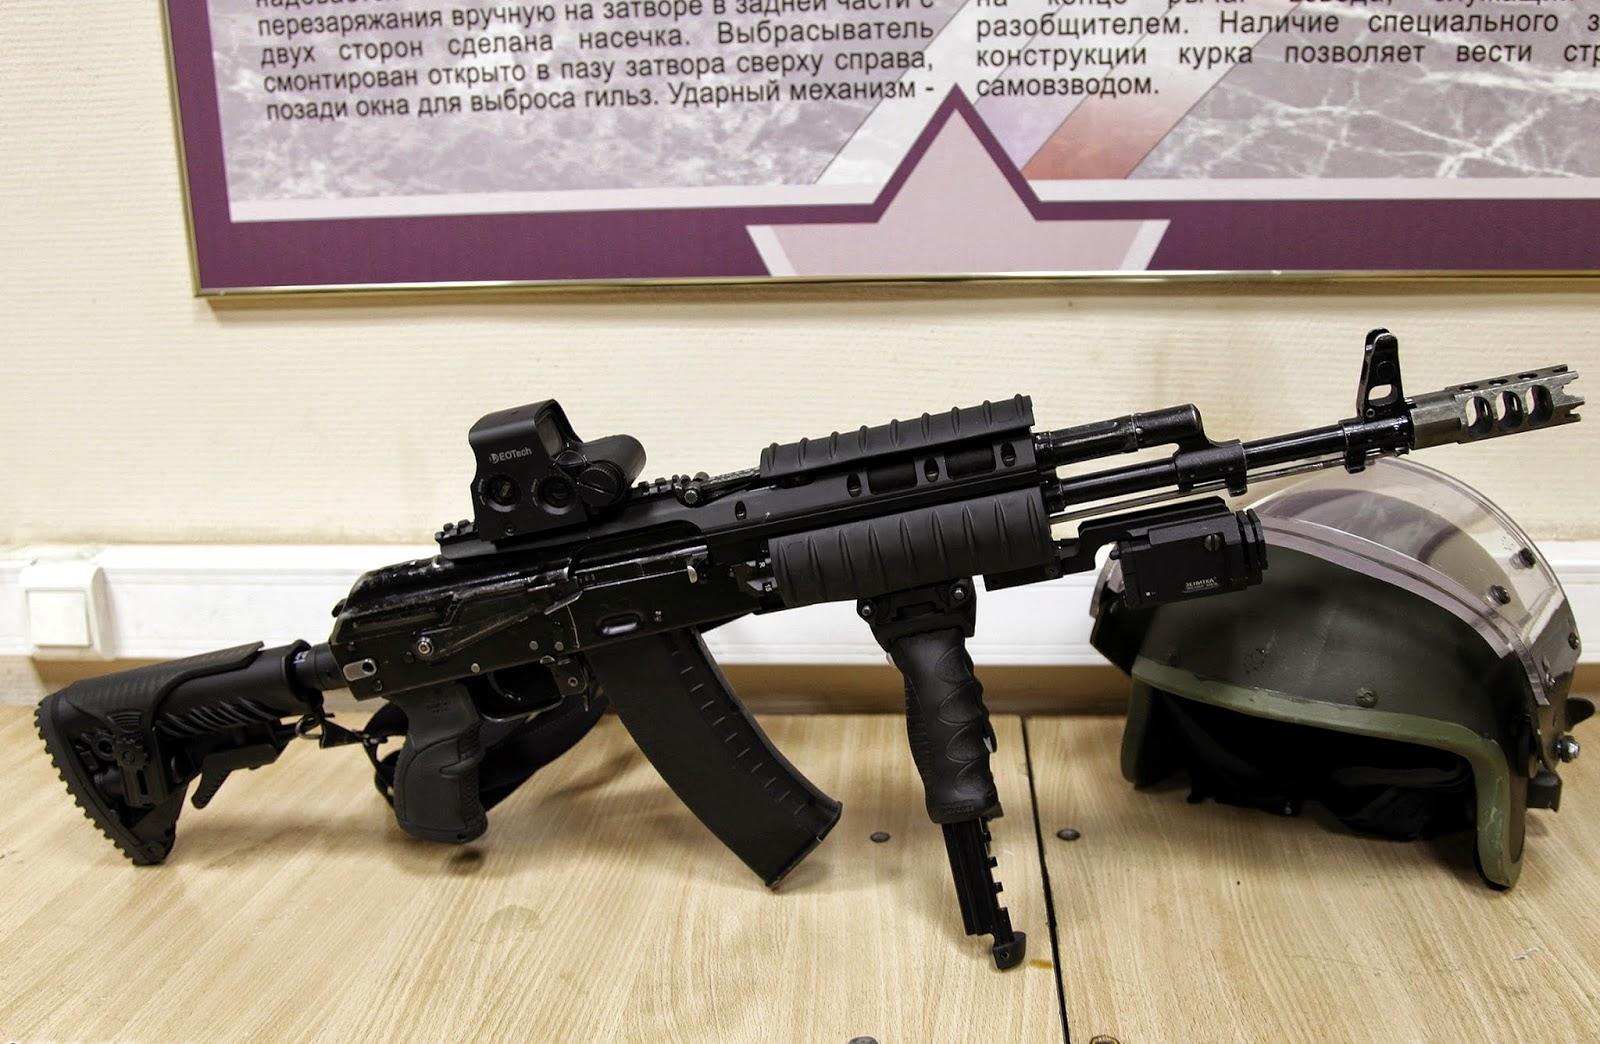 AK-74 M